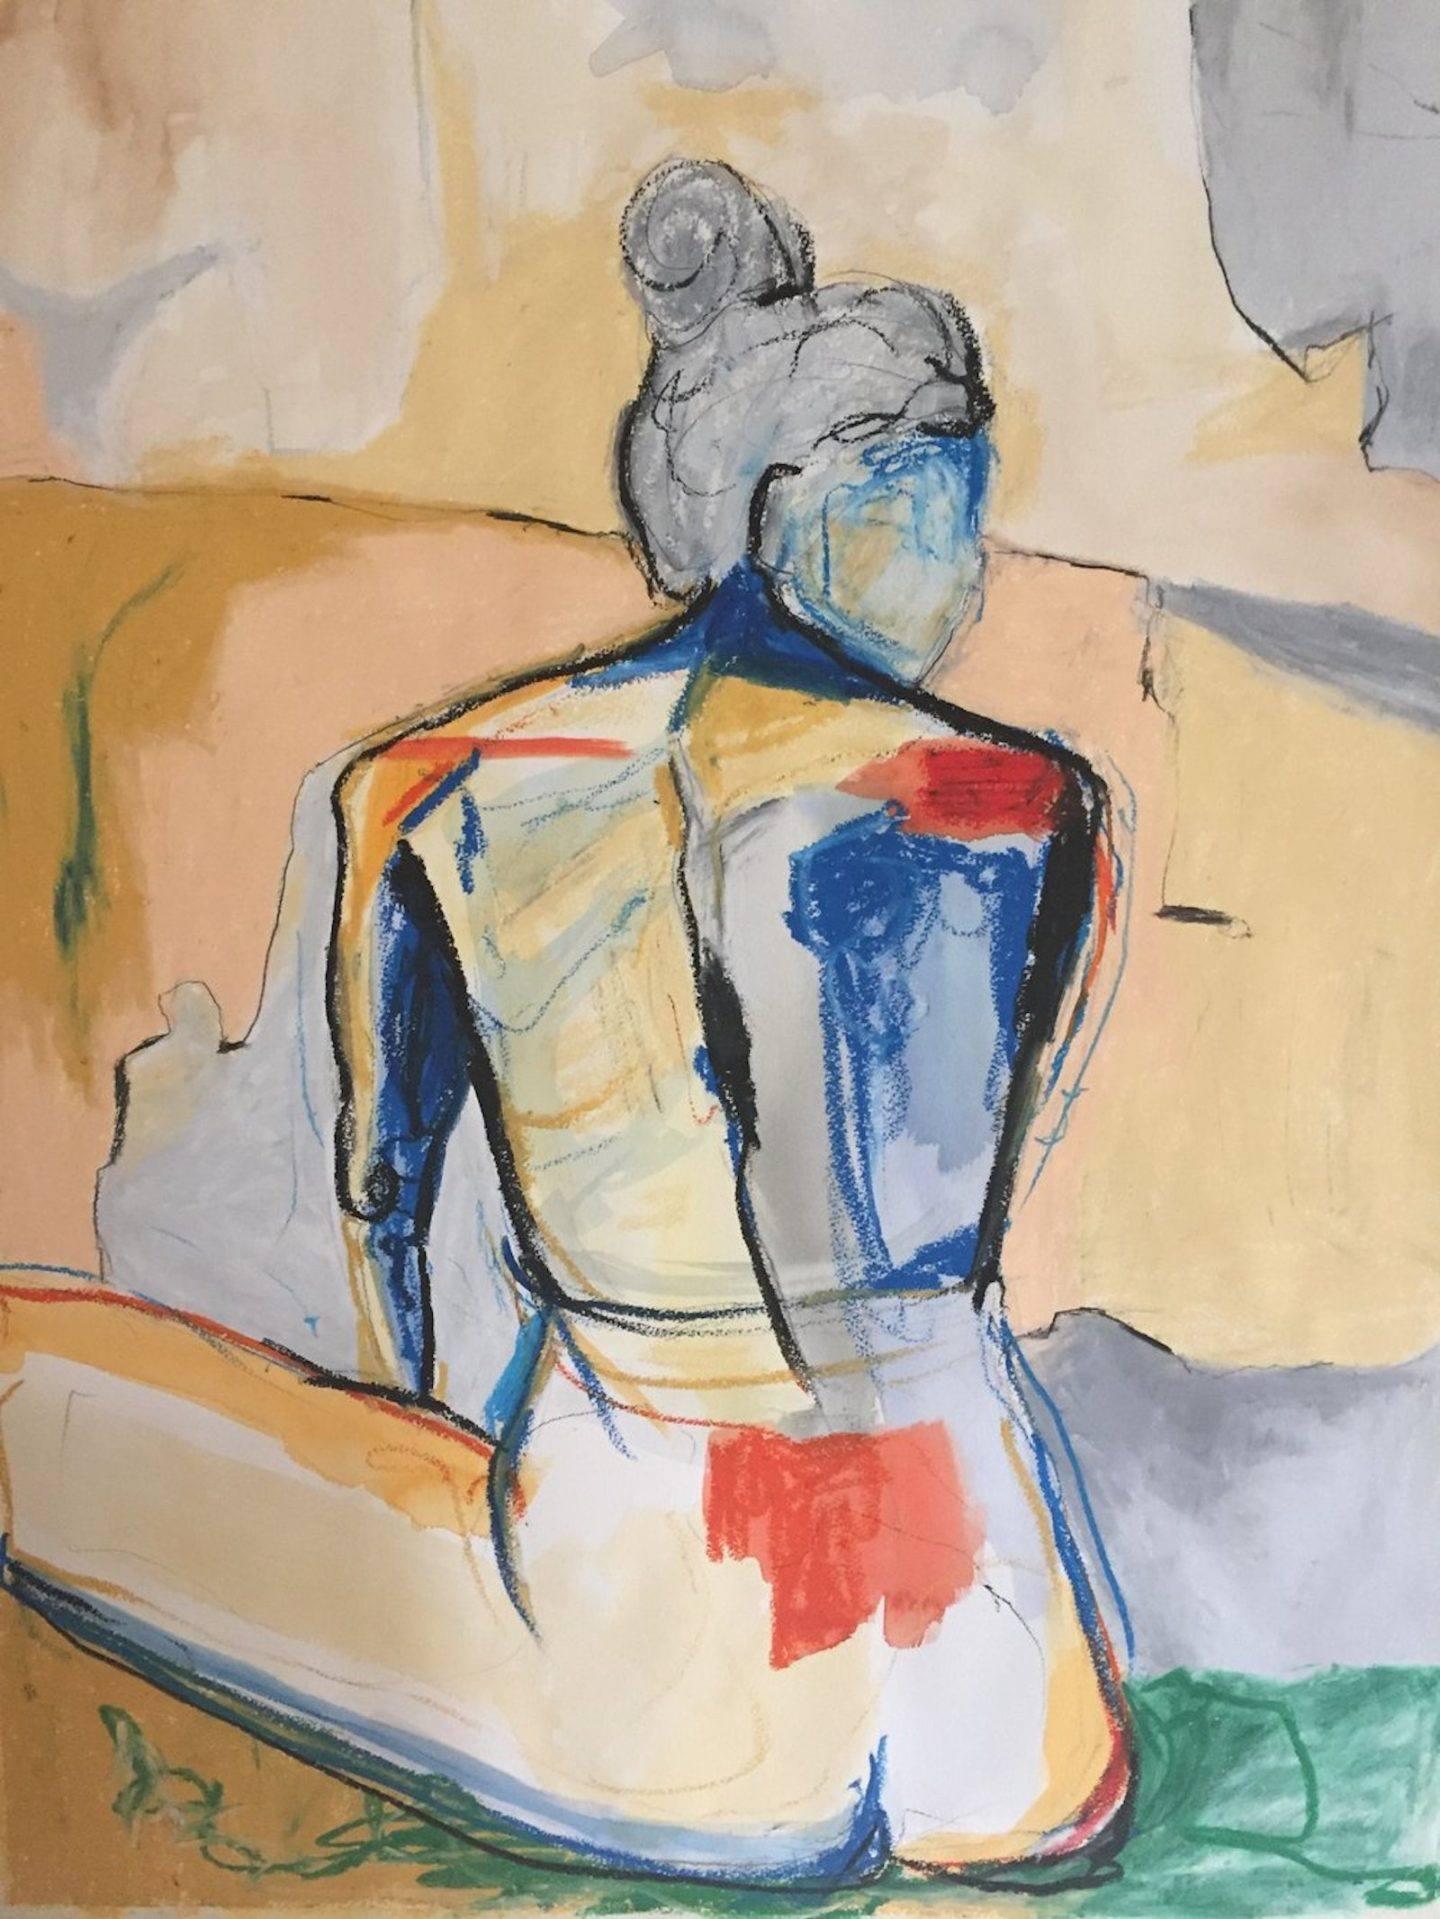 IGNANT-Art-Fipe-Gouge-Merrall-016